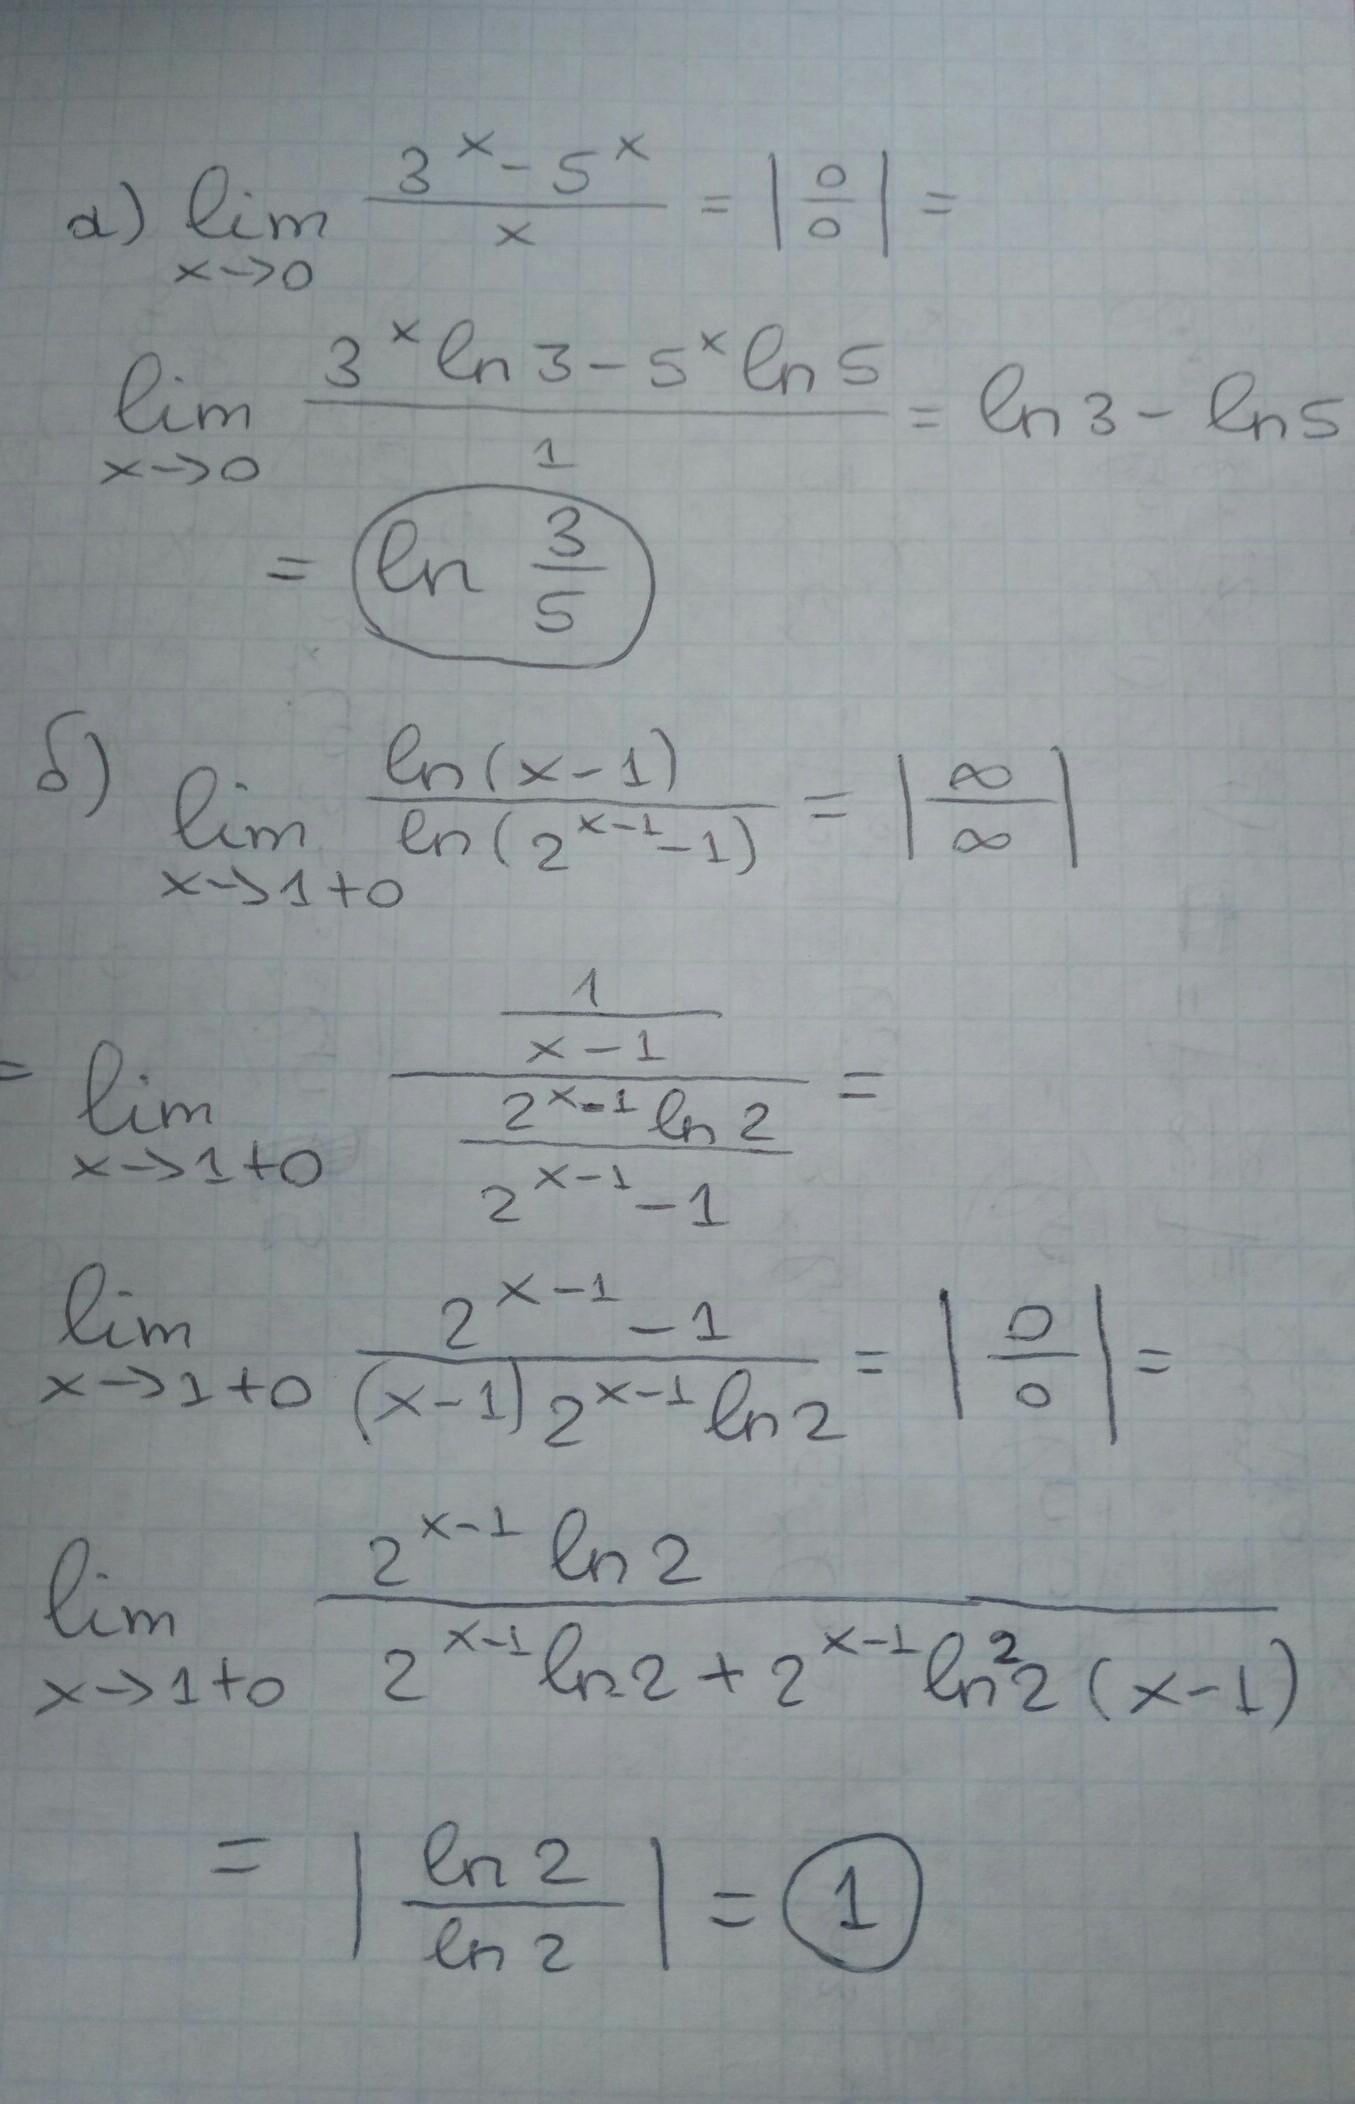 Найти пределы функции используя правило Лопиталя.